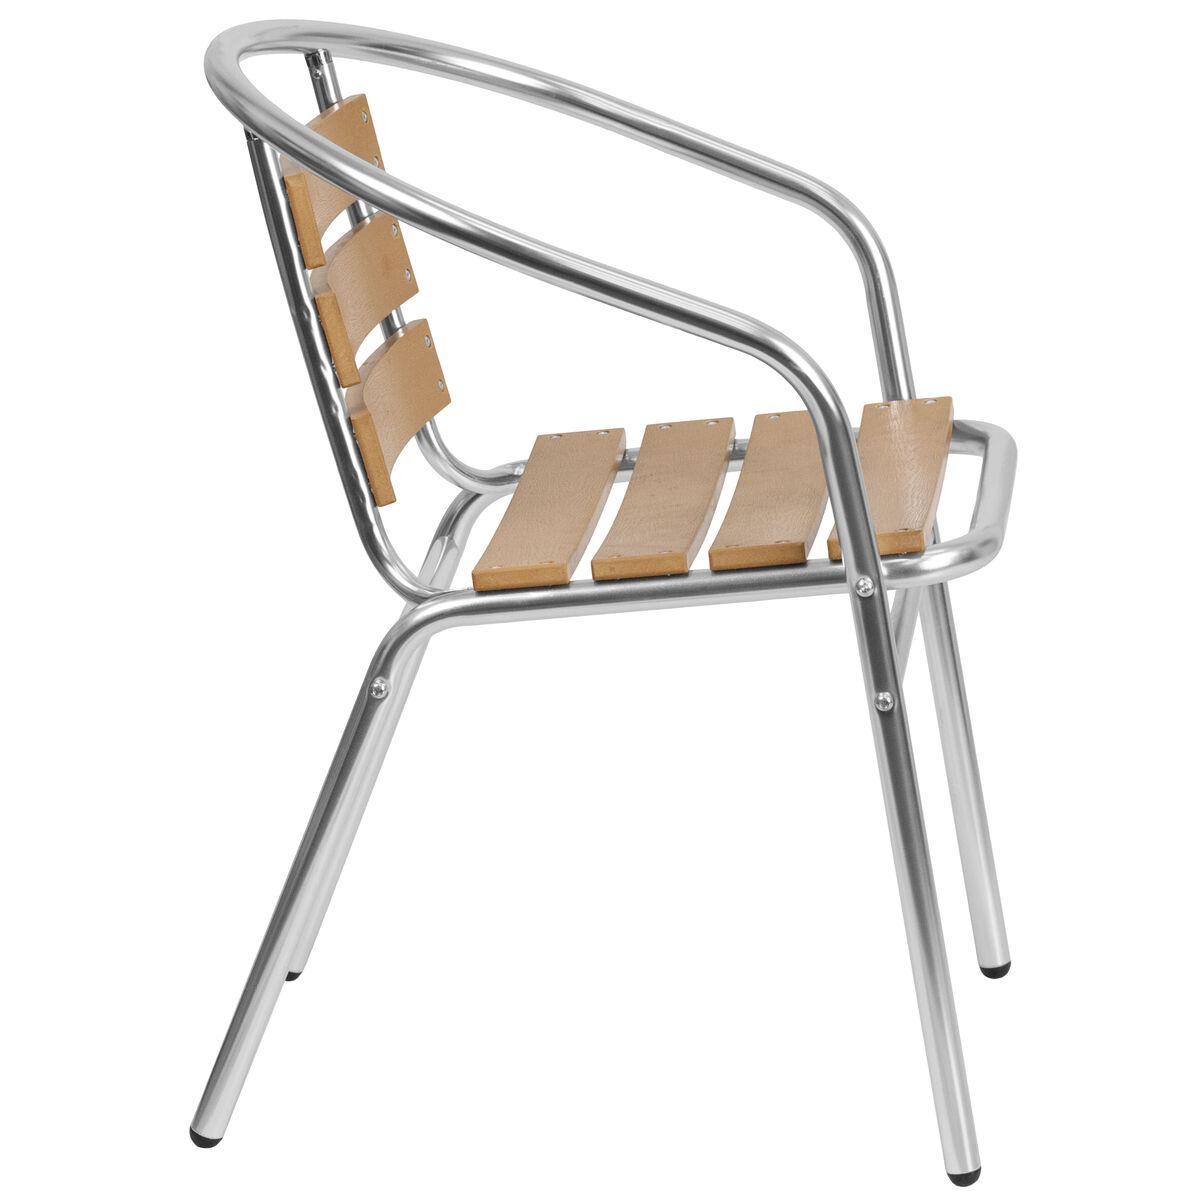 Commercial Aluminum Indoor Outdoor Restaurant Stack Chair